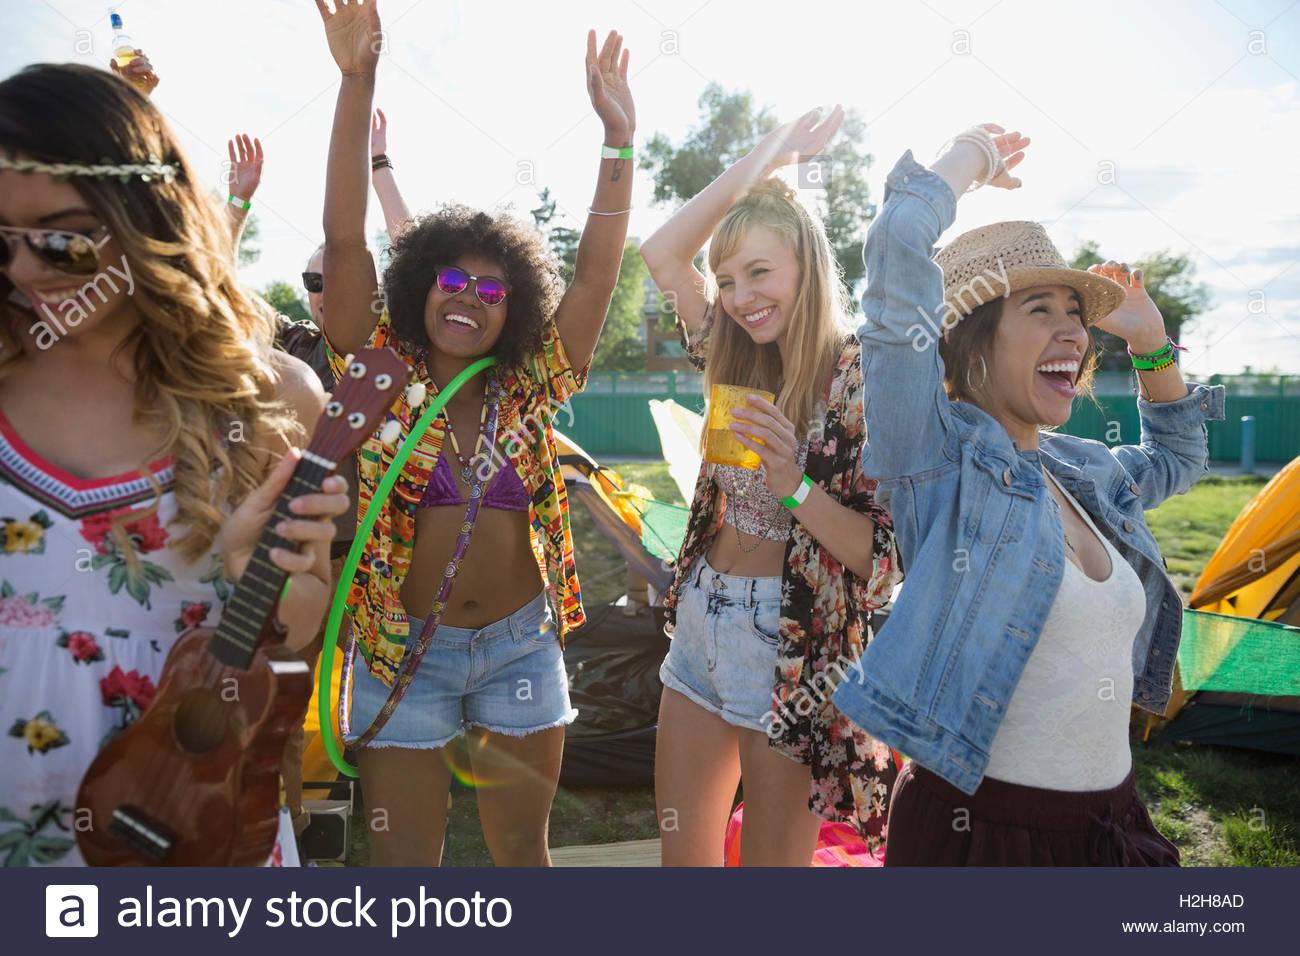 Entusiastas jóvenes mujeres bailando en el festival de música de verano Imagen De Stock